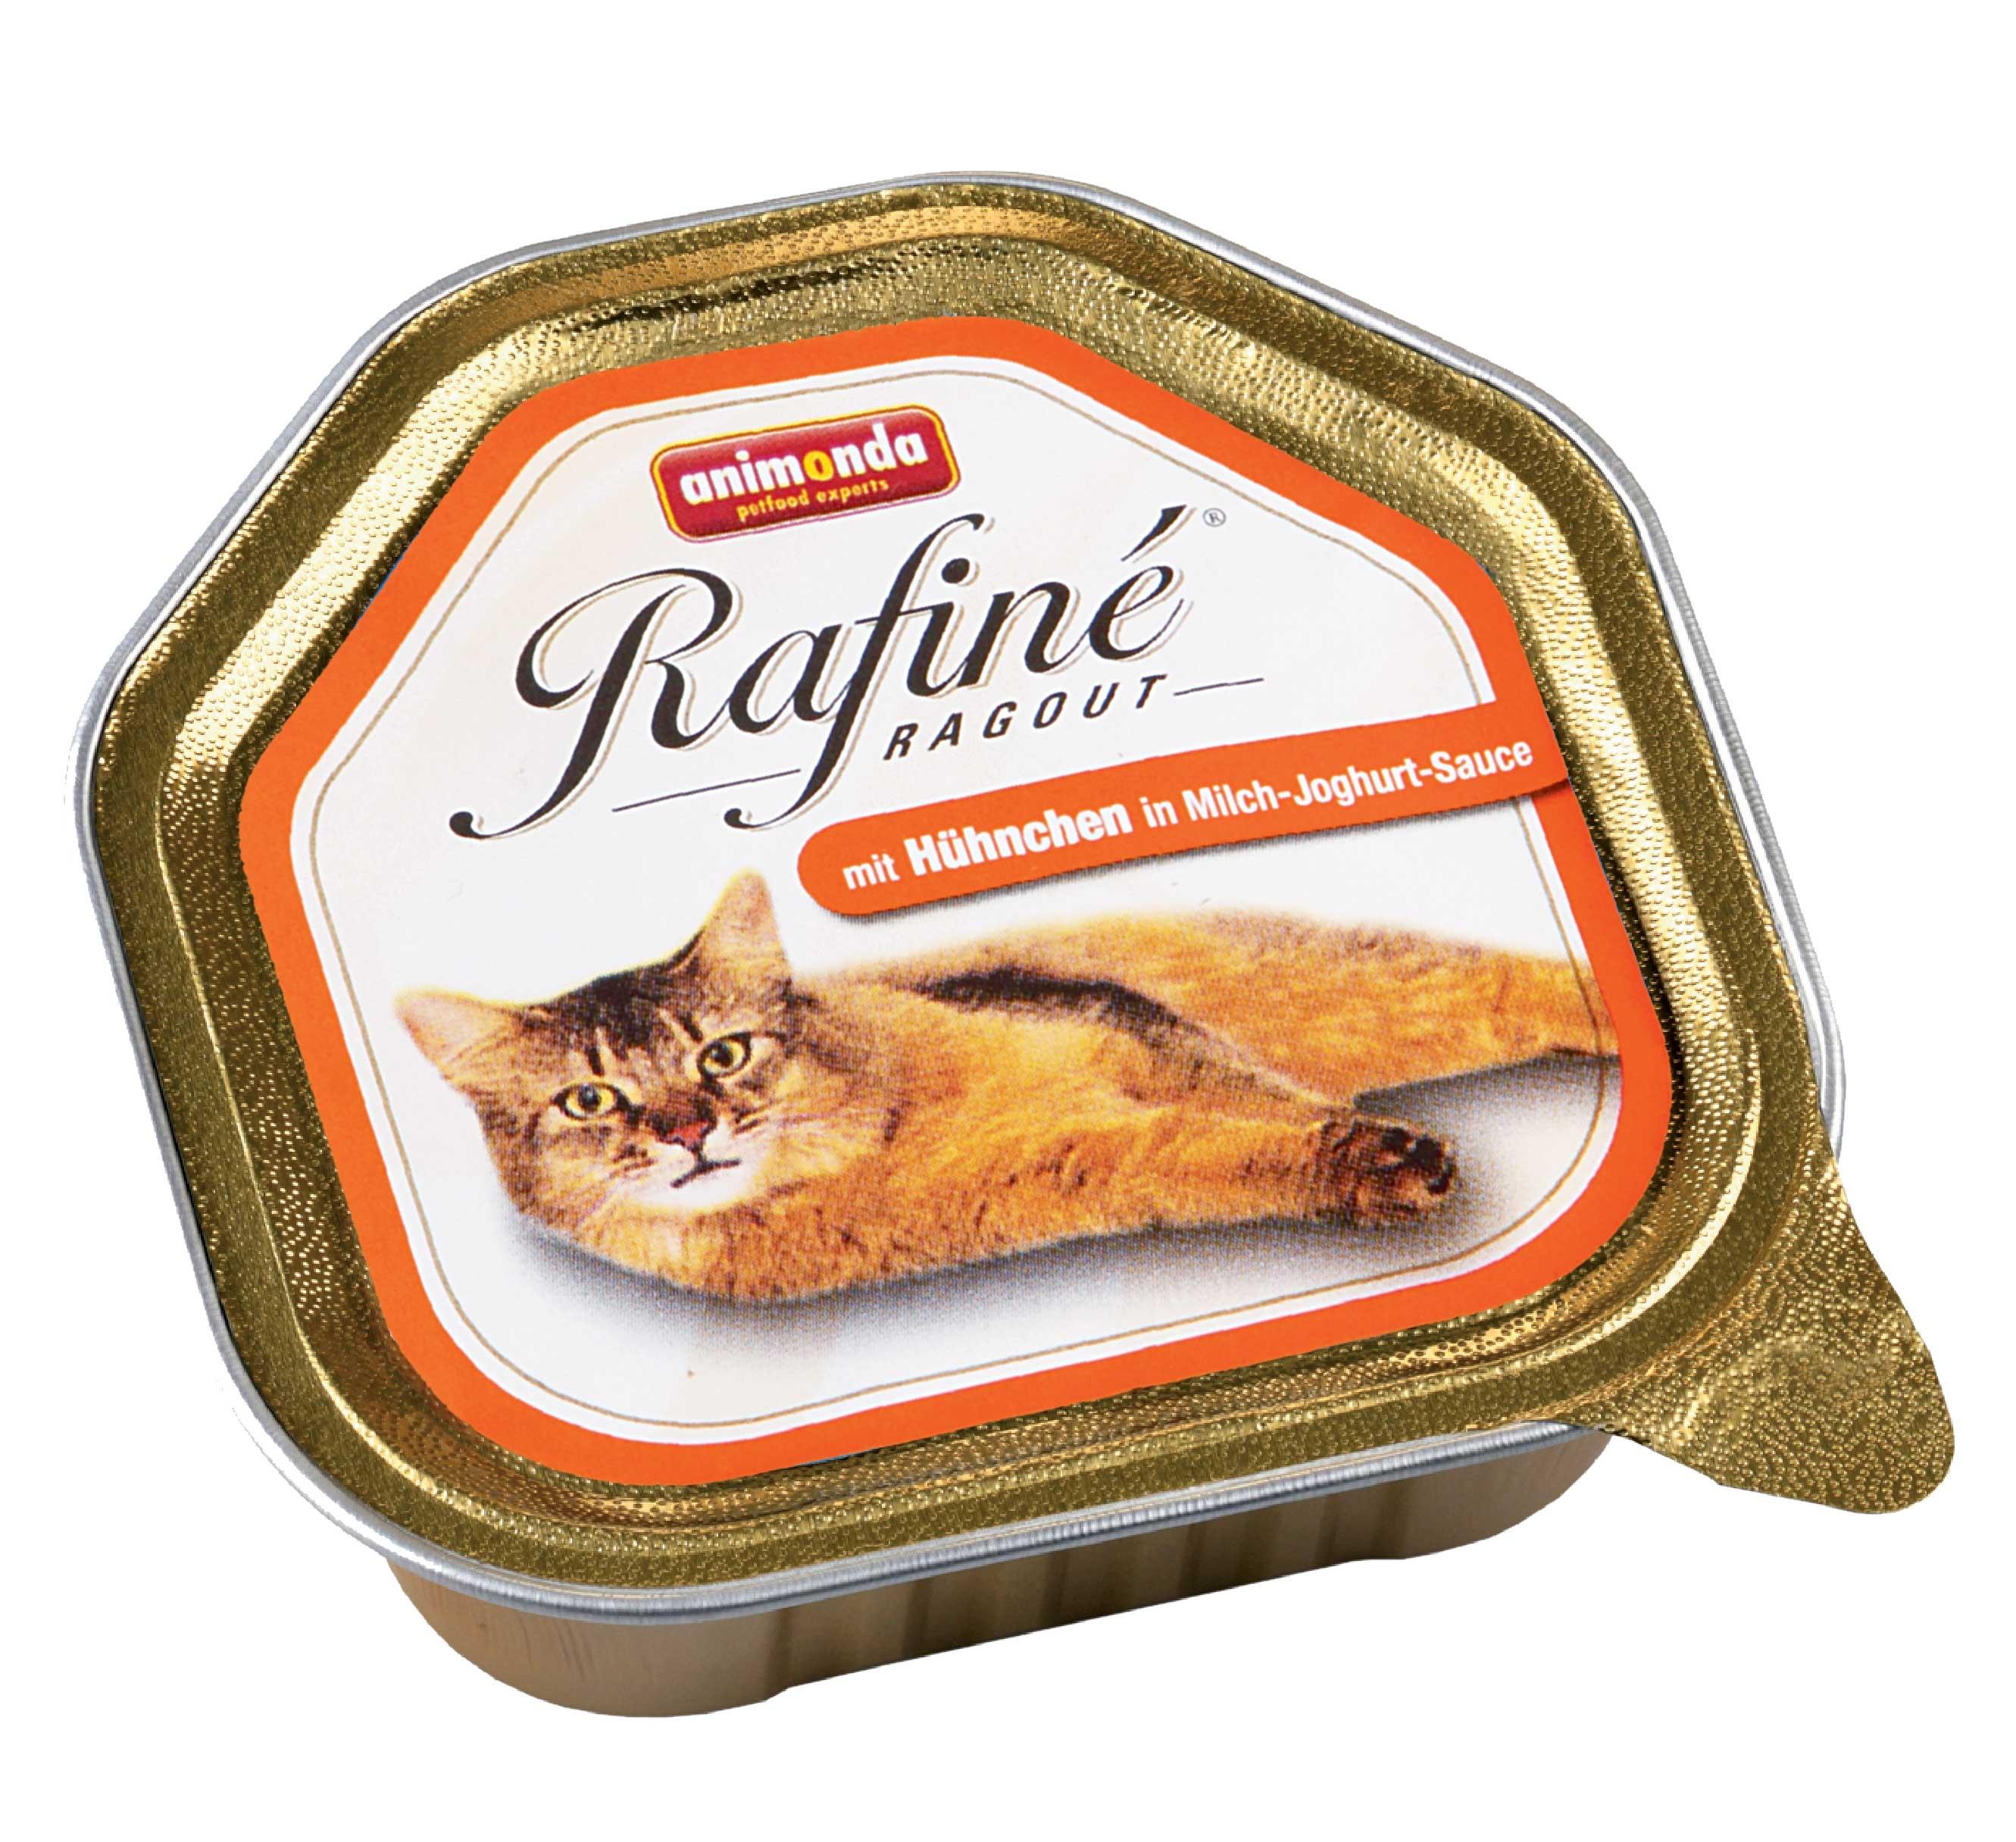 Animonda paštika Rafiné Ragout kuře s jogurtovou omáčkou 100 g